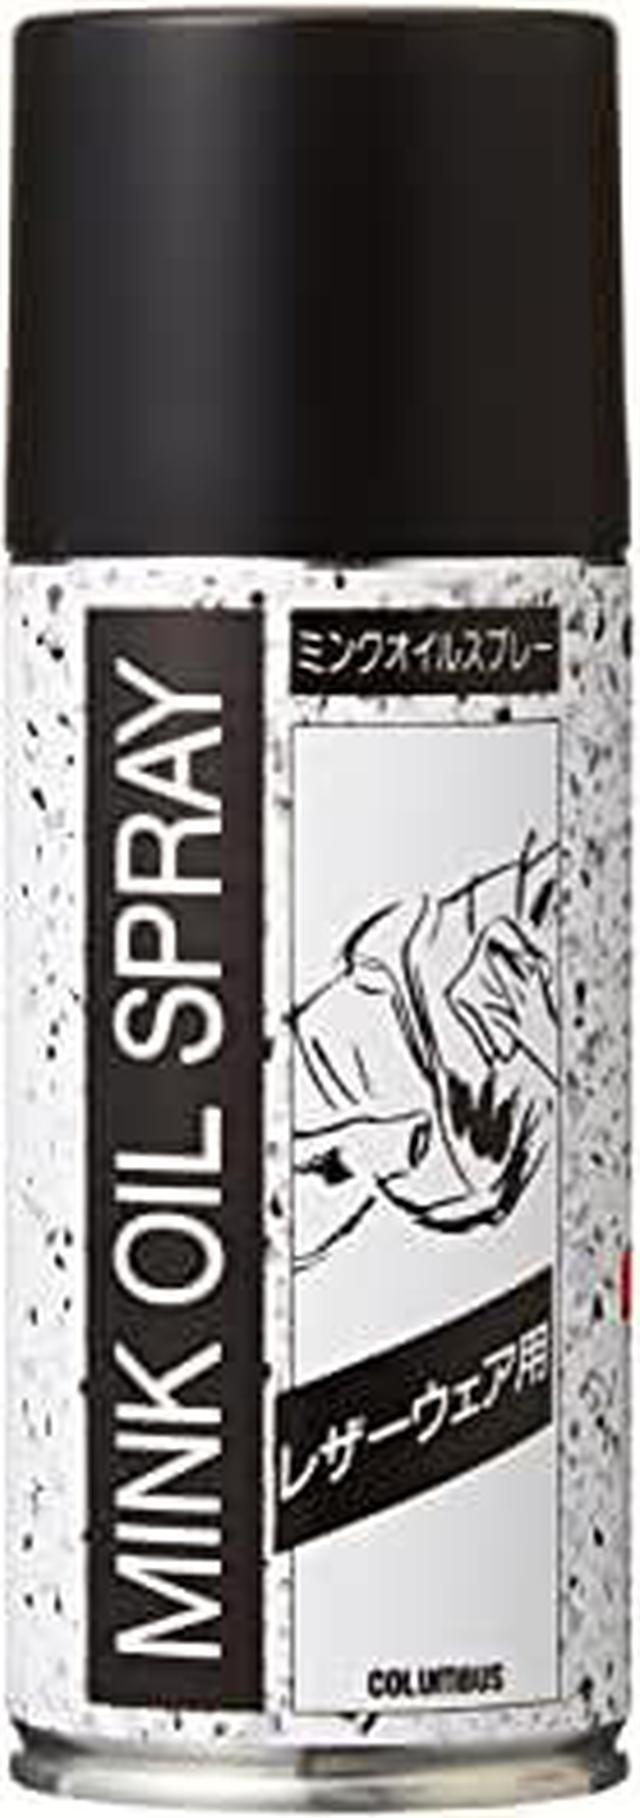 画像: Amazon.co.jp: [コロンブス] columbus レザーウェア専用 ミンクオイルスプレー 180ml / 27040000[HTRC2.1]: シューズ&バッグ